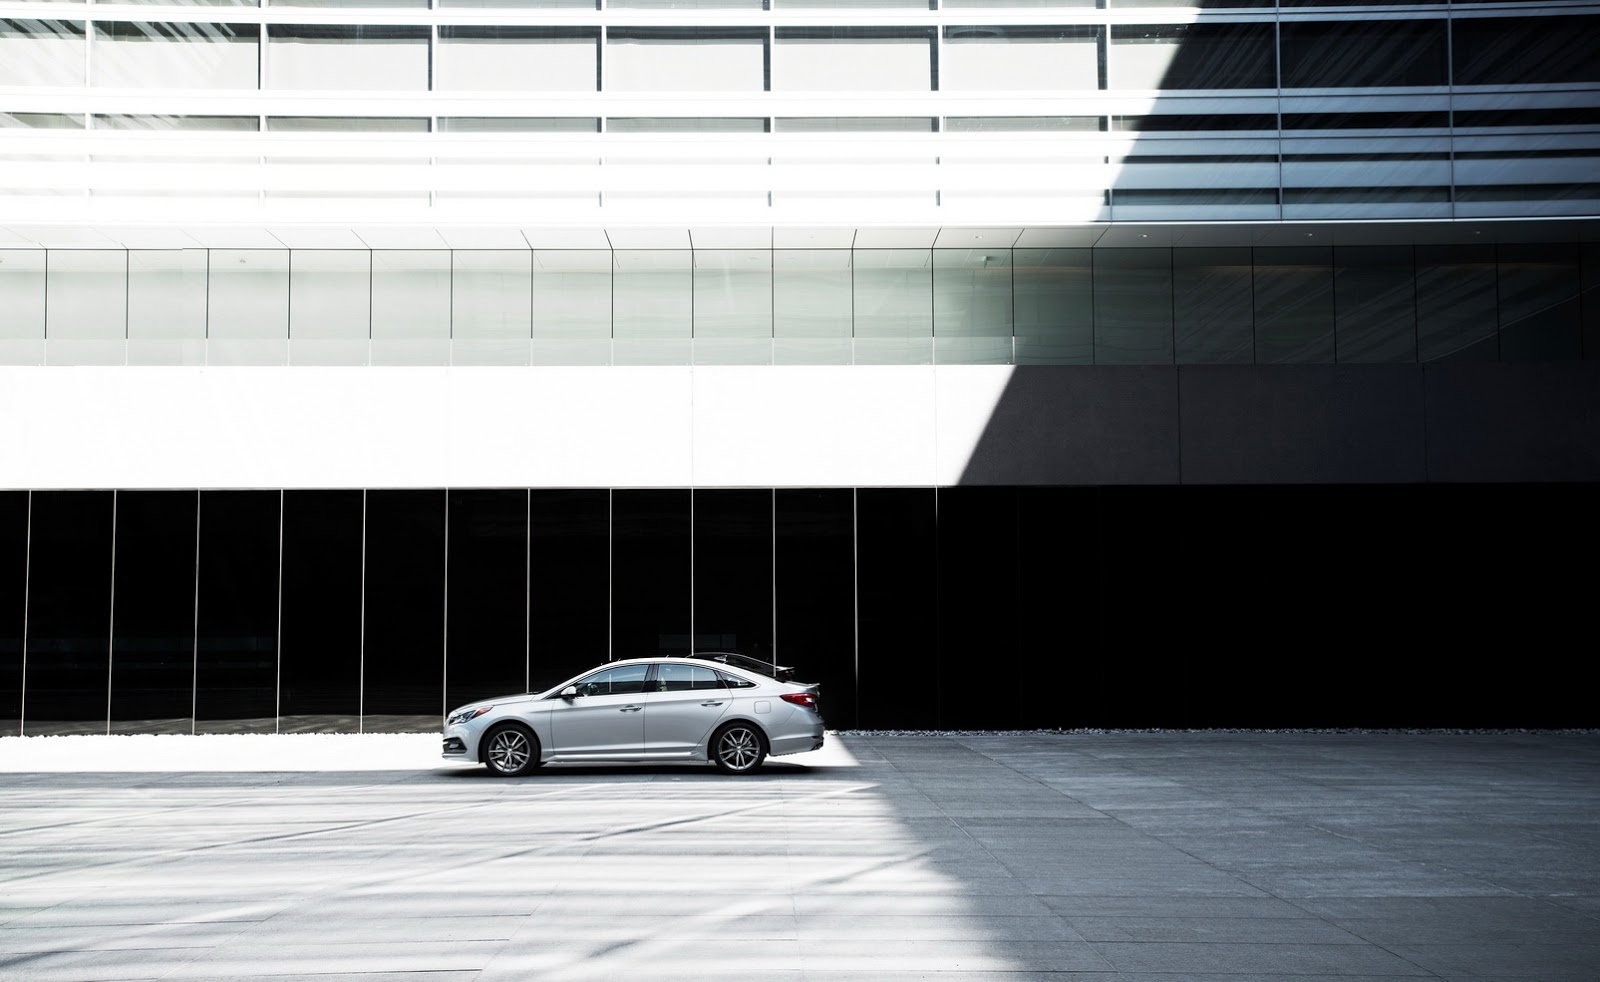 Đánh giá Hyundai Sonata 2017, hình ảnh, vận hành & giá bán thị trường 8.